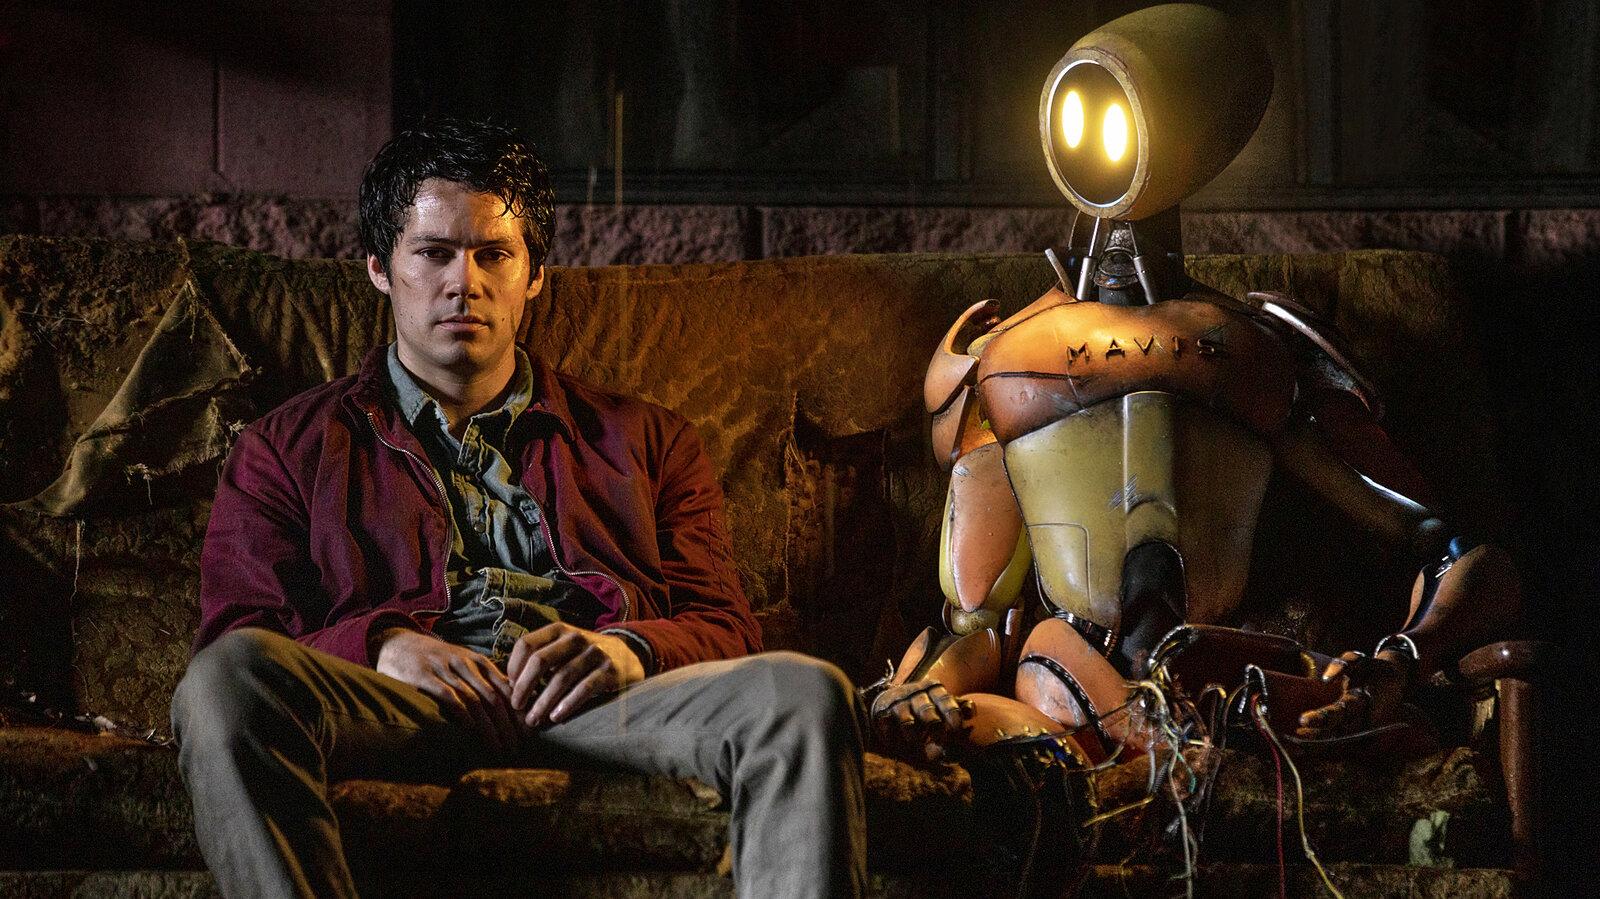 Cena do filme Love & Monsters. Em um sofá laranja, Dylan O'brien está sentado. Homem branco de cabelo escuro curto, ele veste blusa azul, jaqueta vermelha e calça jeans. O jovem olha para baixo, e tem o seu rosto iluminado pela luz que sai do robô ao seu lado. O robô é laranja e amarelo, do mesmo tamanho de Dylan.